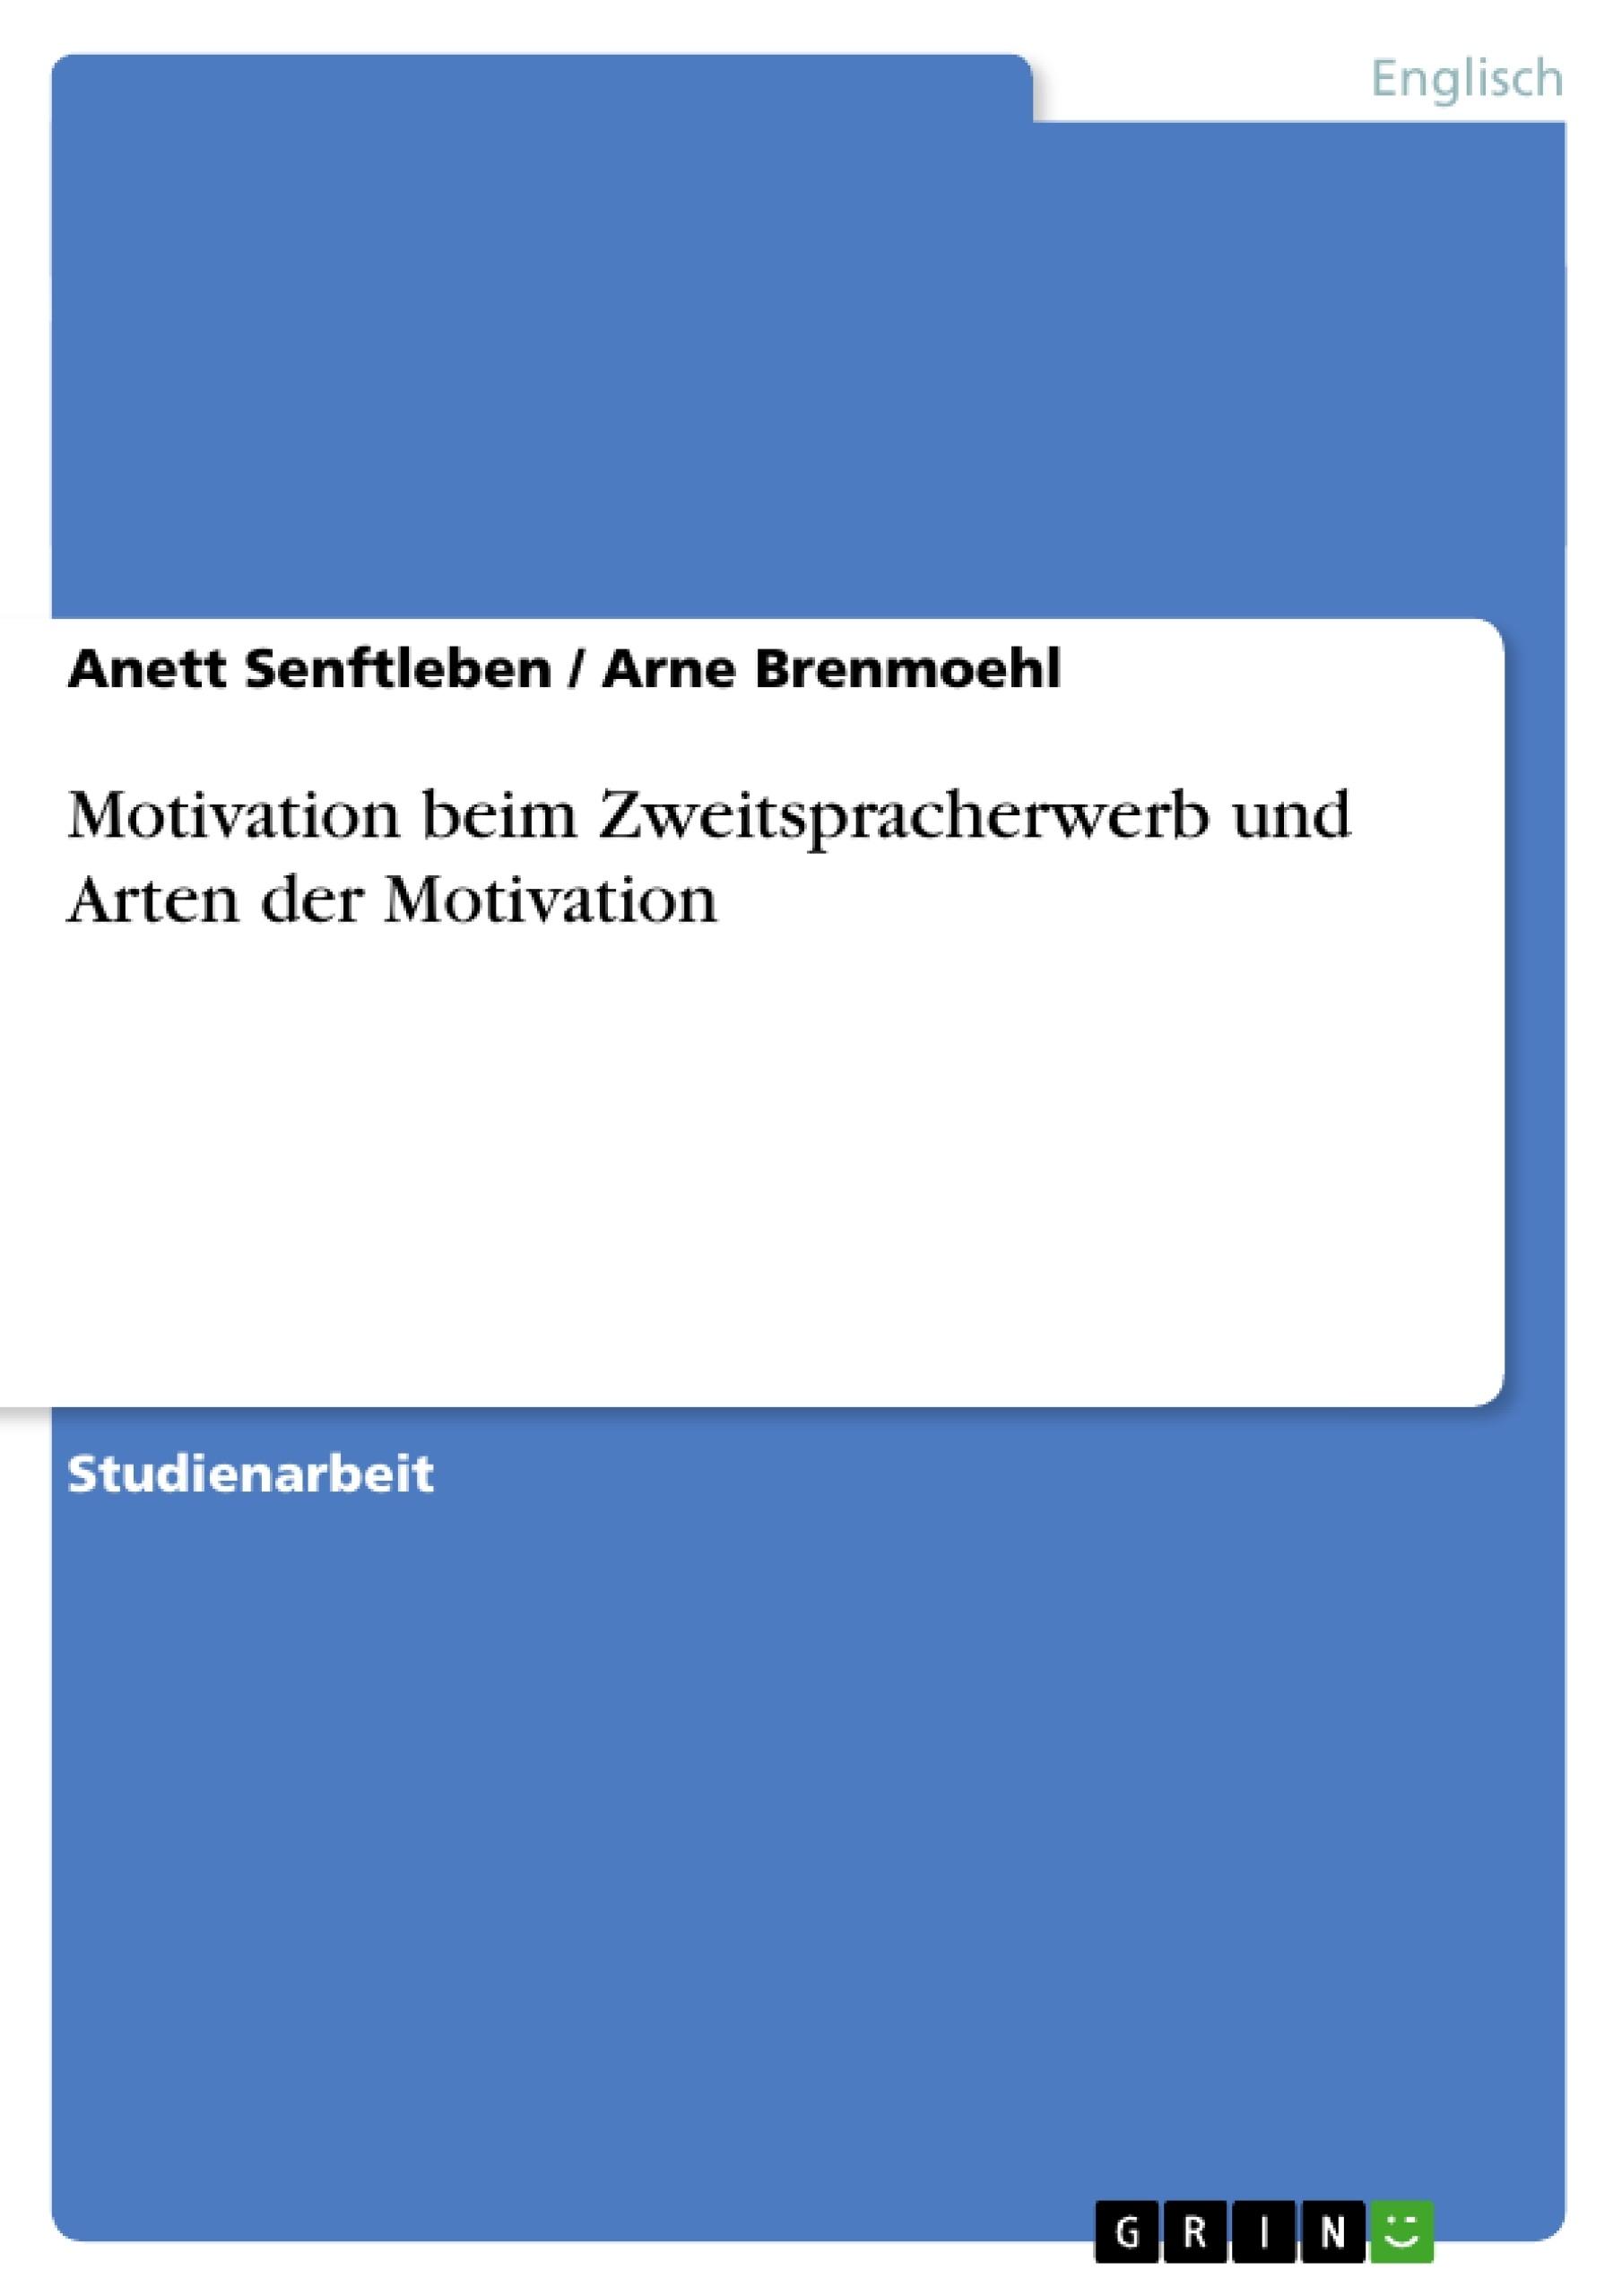 Titel: Motivation beim Zweitspracherwerb und Arten der Motivation